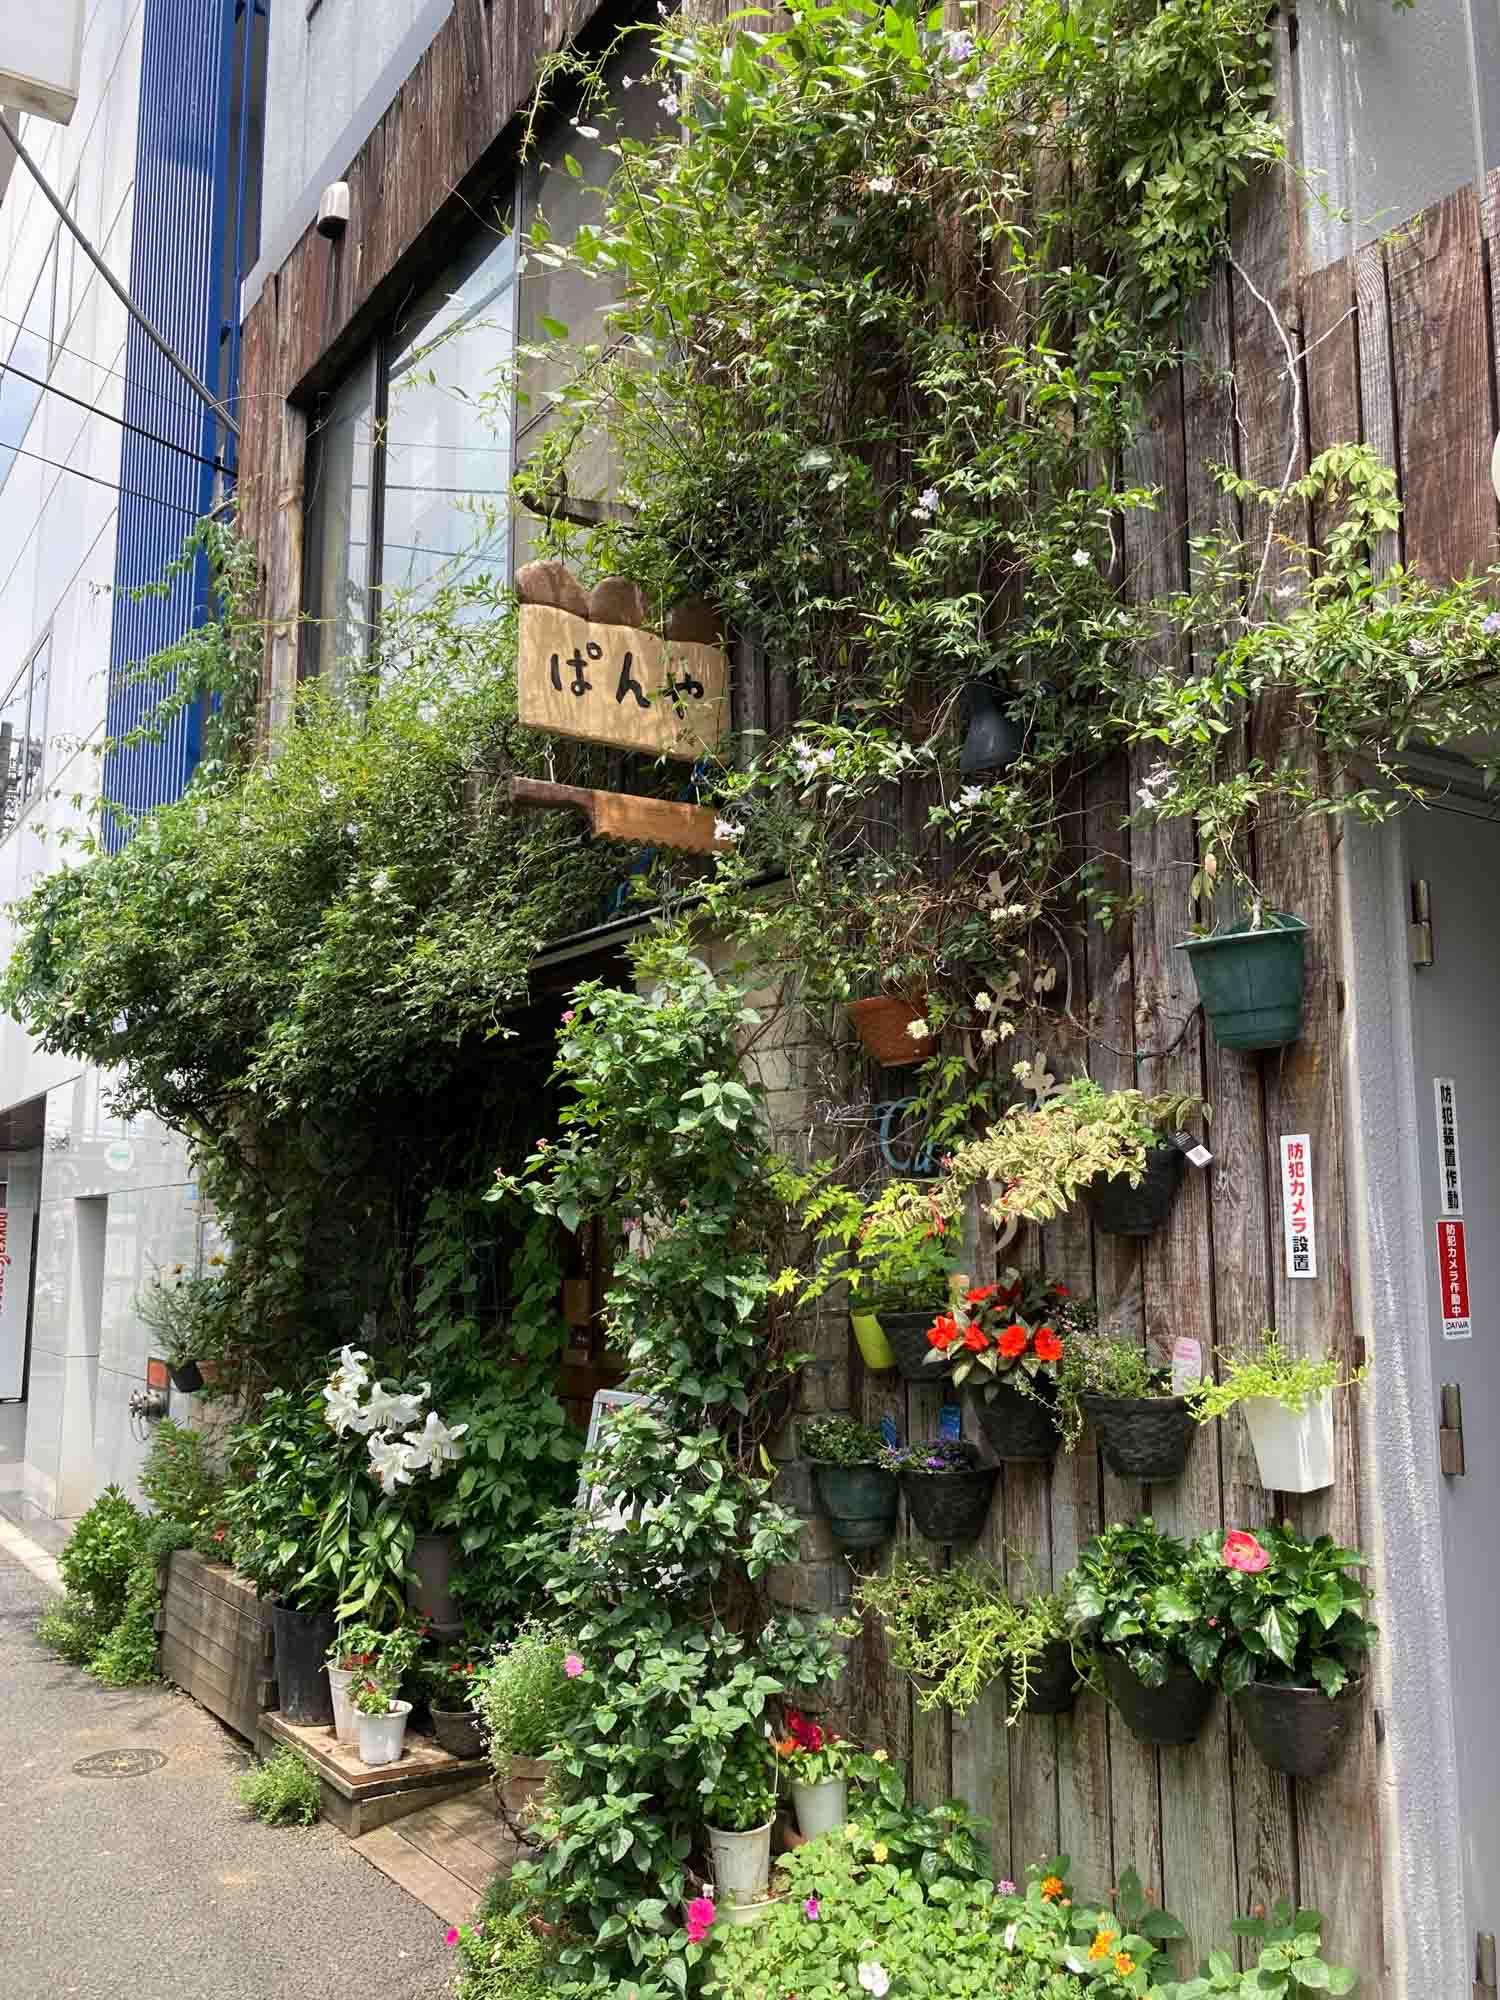 そしておすすめはこちら。モサモサと緑が生い茂る外観が可愛いパン屋さん「カフェむぎわらい」